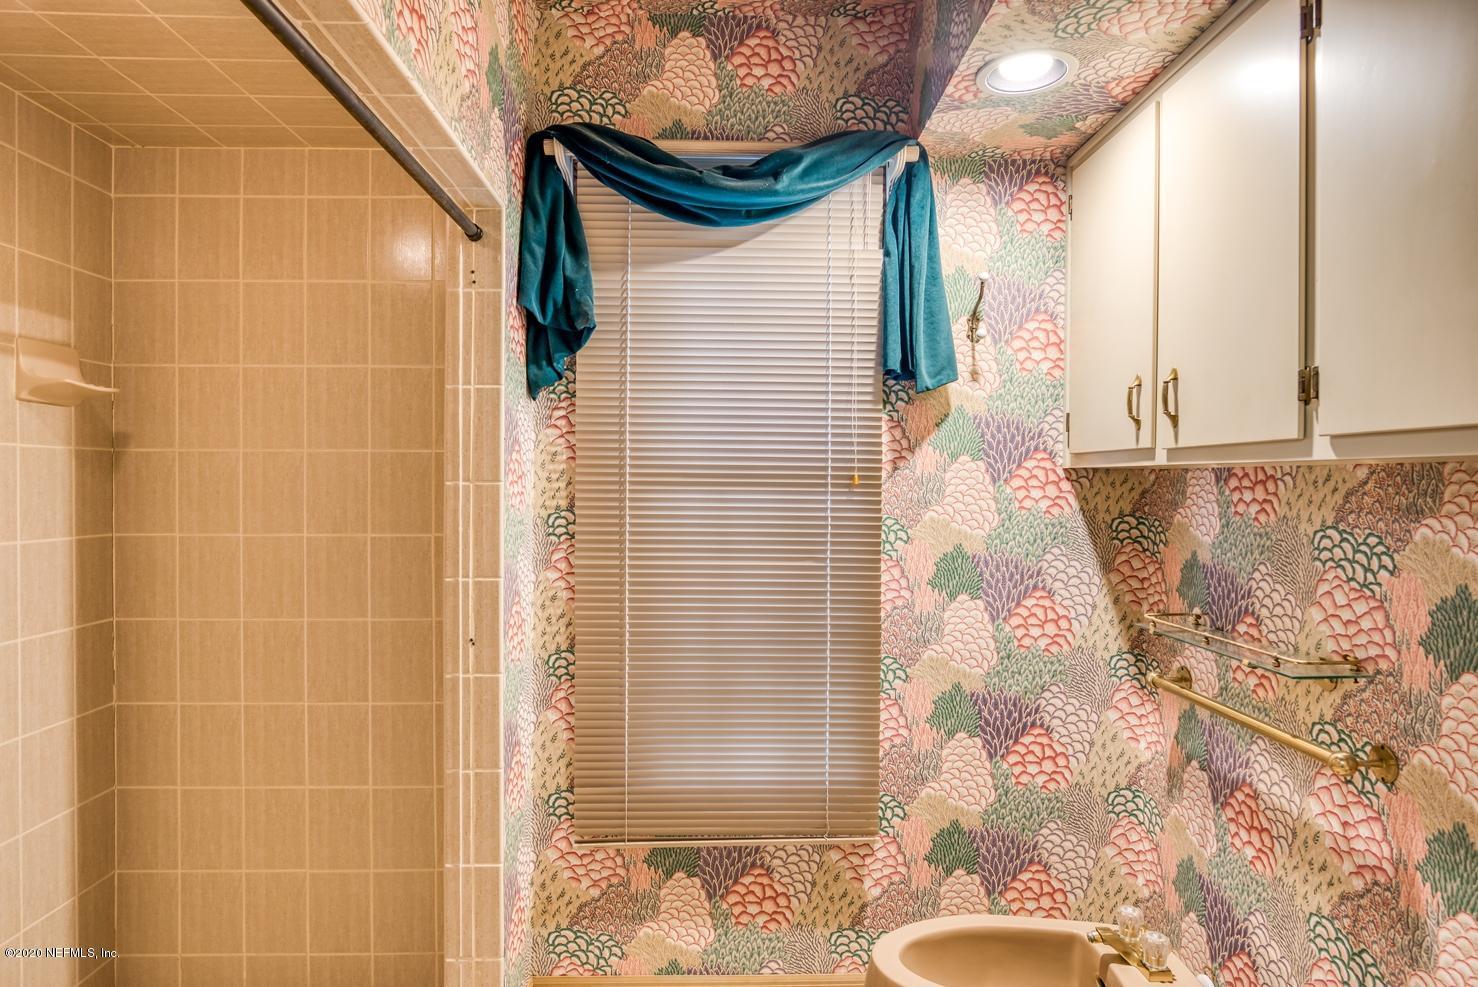 139 WALTON, EAST PALATKA, FLORIDA 32131, 3 Bedrooms Bedrooms, ,2 BathroomsBathrooms,Residential,For sale,WALTON,1083364